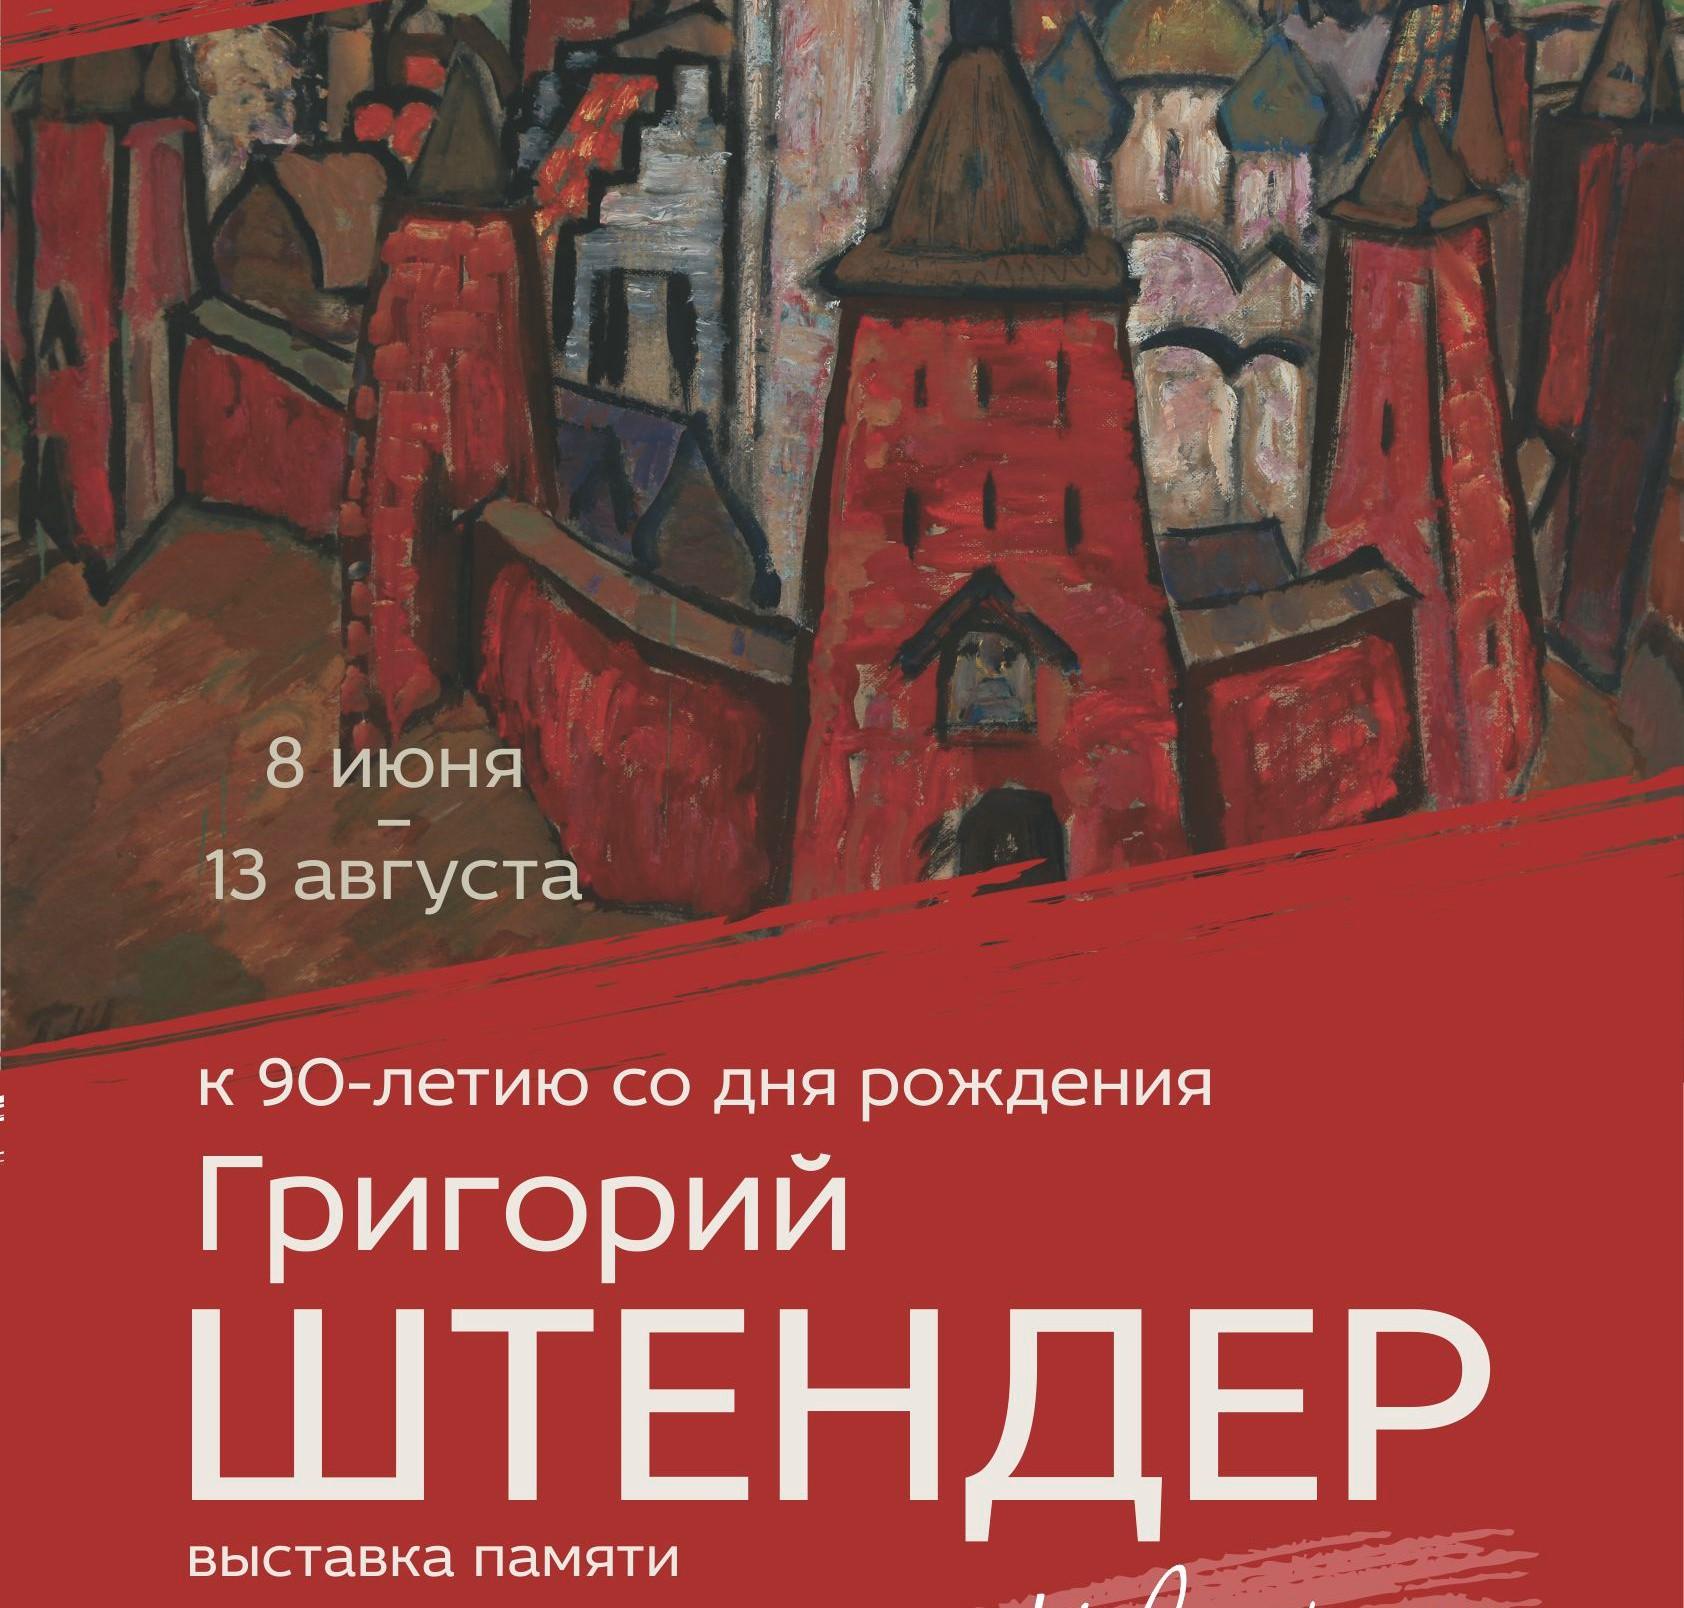 В Великом Новгороде откроется выставка к 90-летию со дня рождения архитектора Григория Штендера